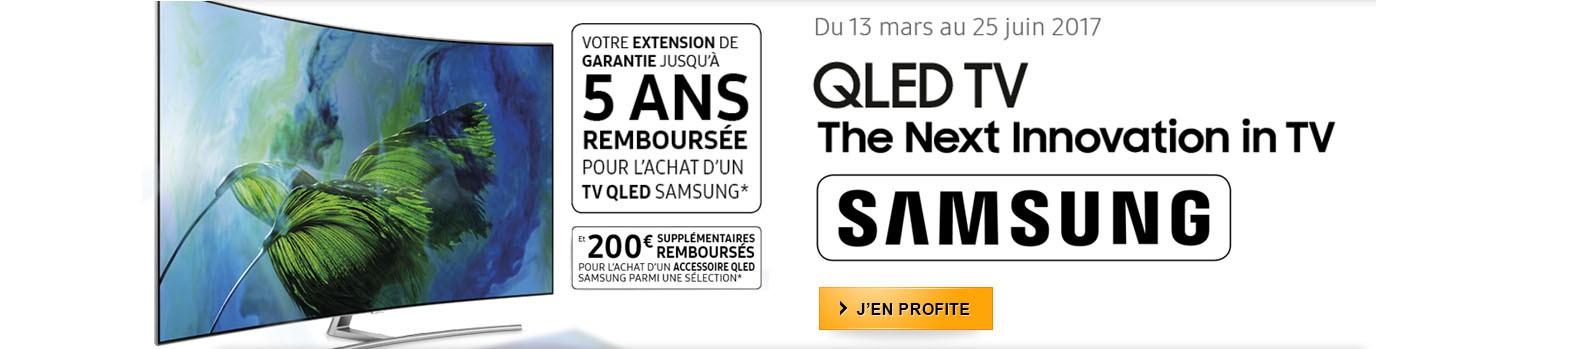 Samsung vous rembourse la garantie 5 ans sur tous ses nouveaux TV QLED !